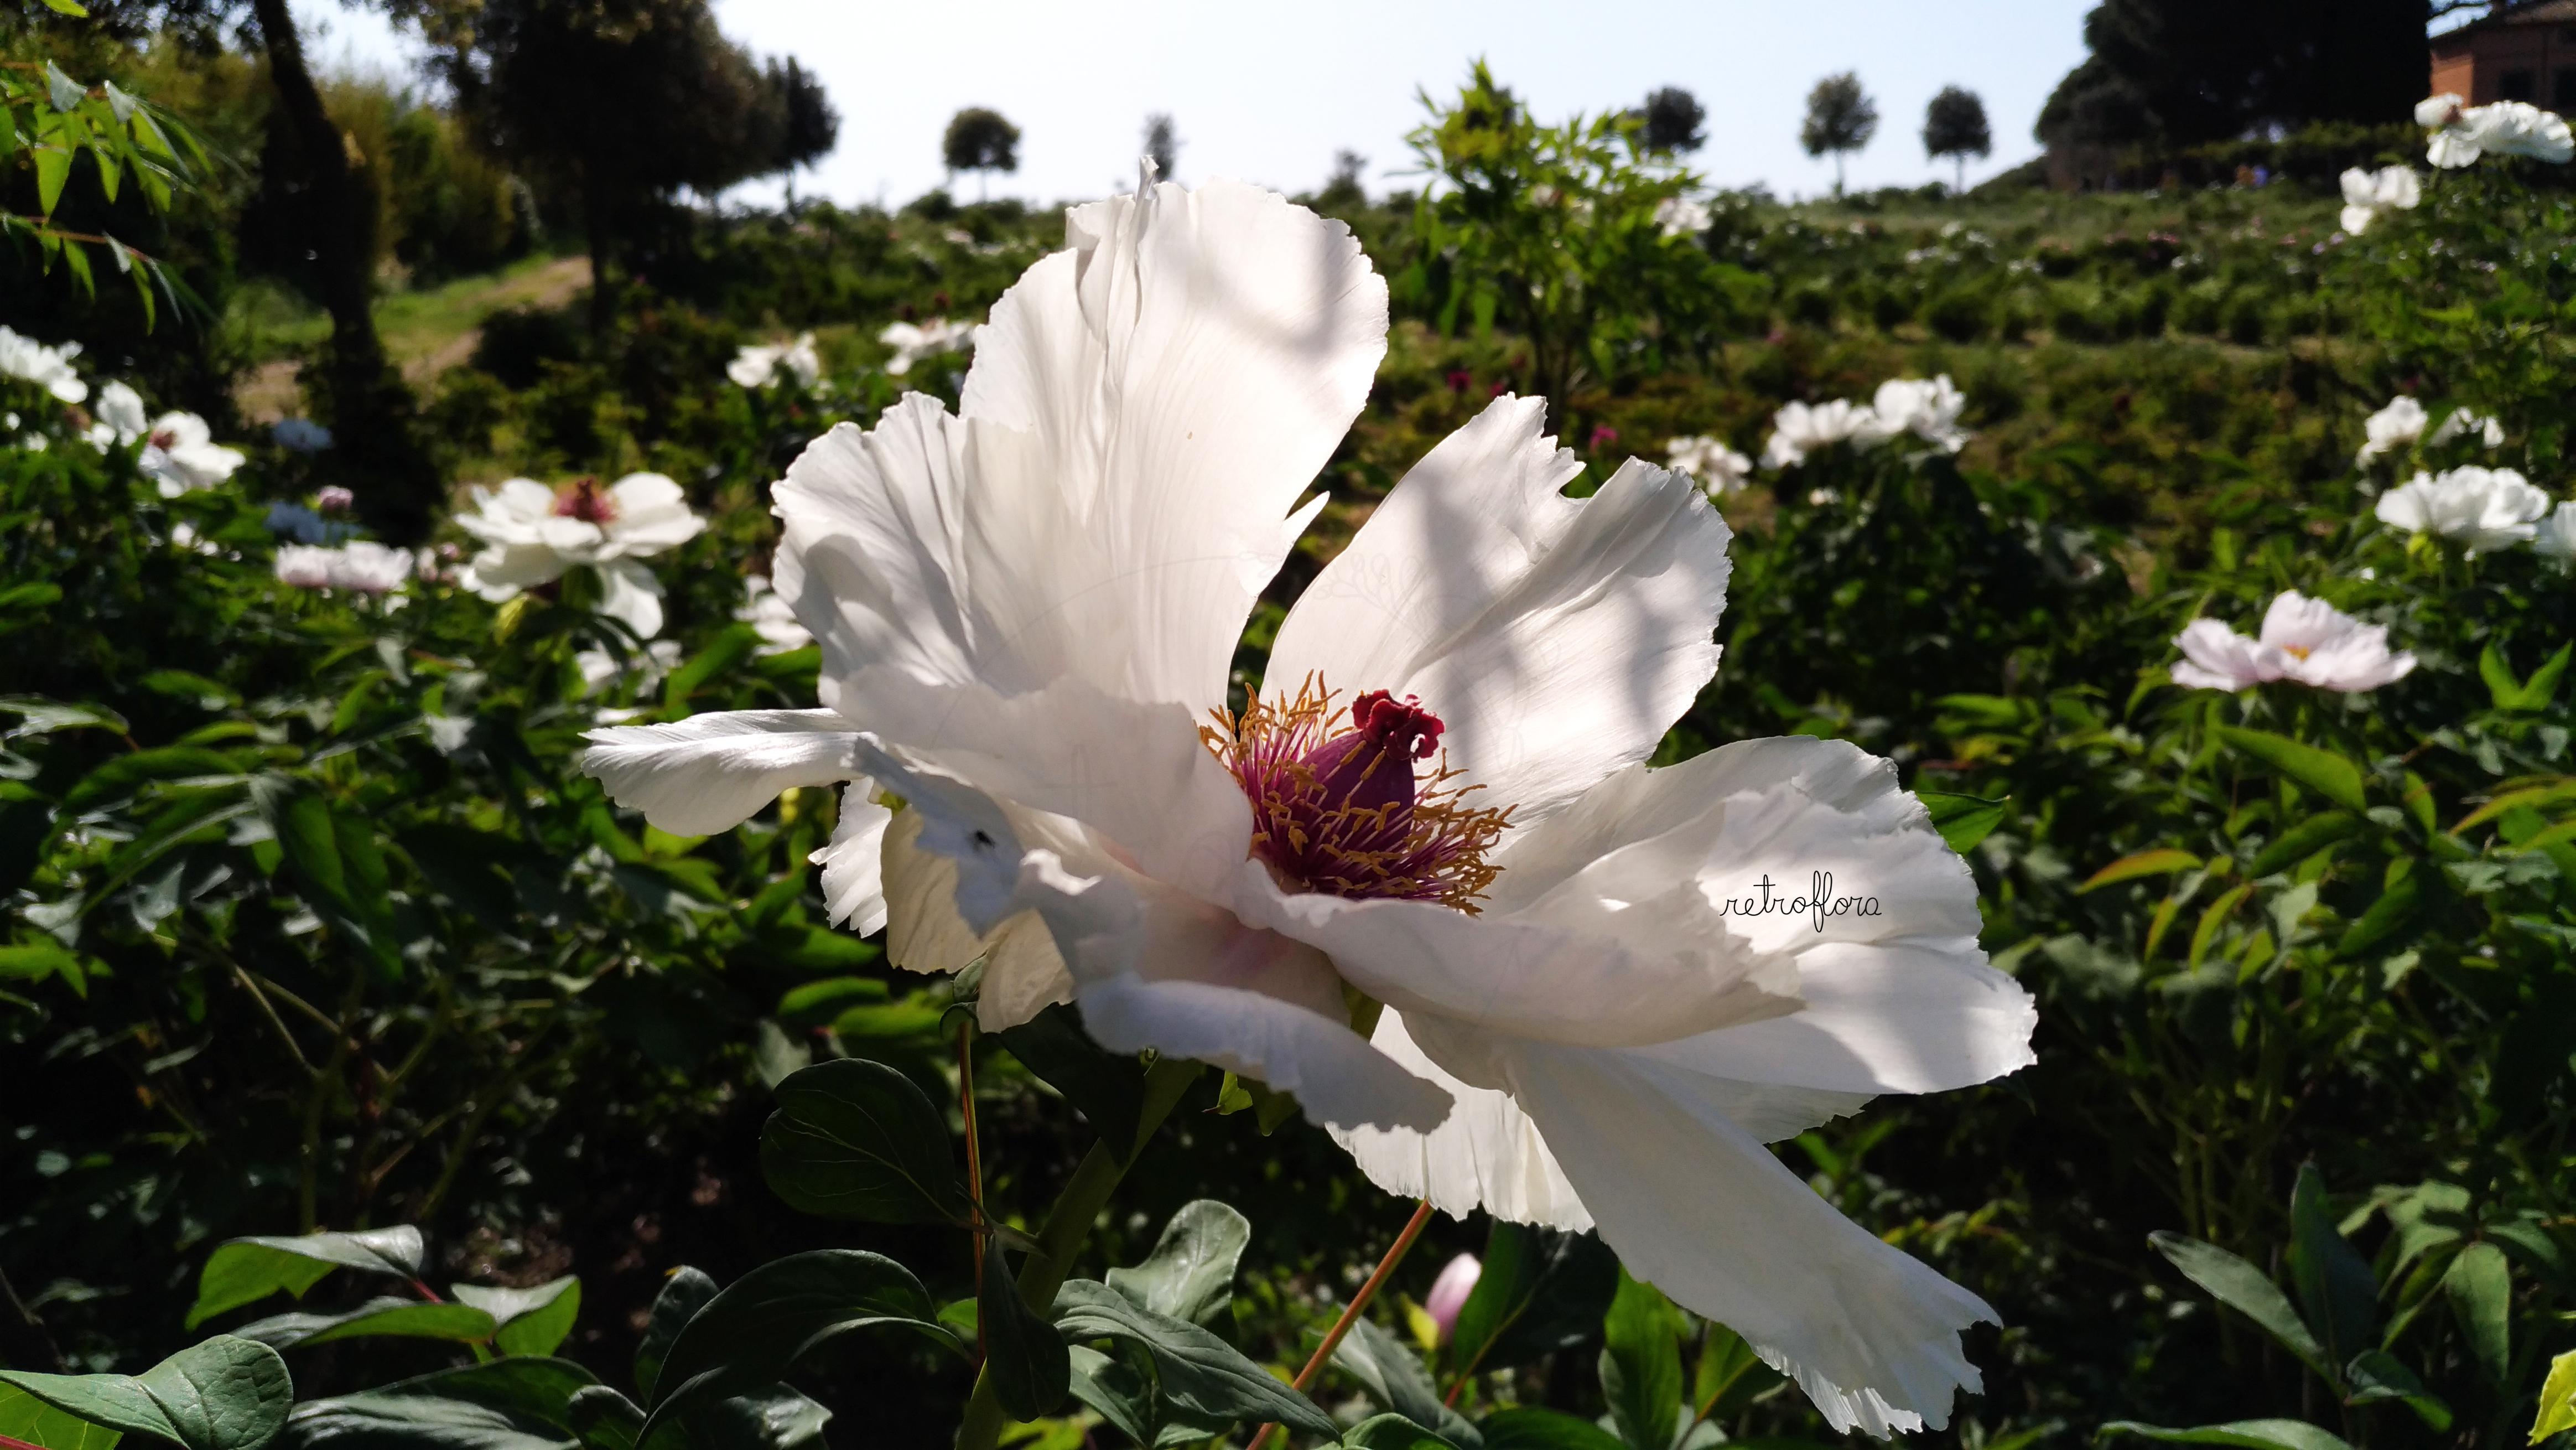 Hanami delle Peonie Parte 2, Peonia, Peonie, Peonia Arbustiva, Peonia Arborea, Peonia Profumata, Peony, Peonies